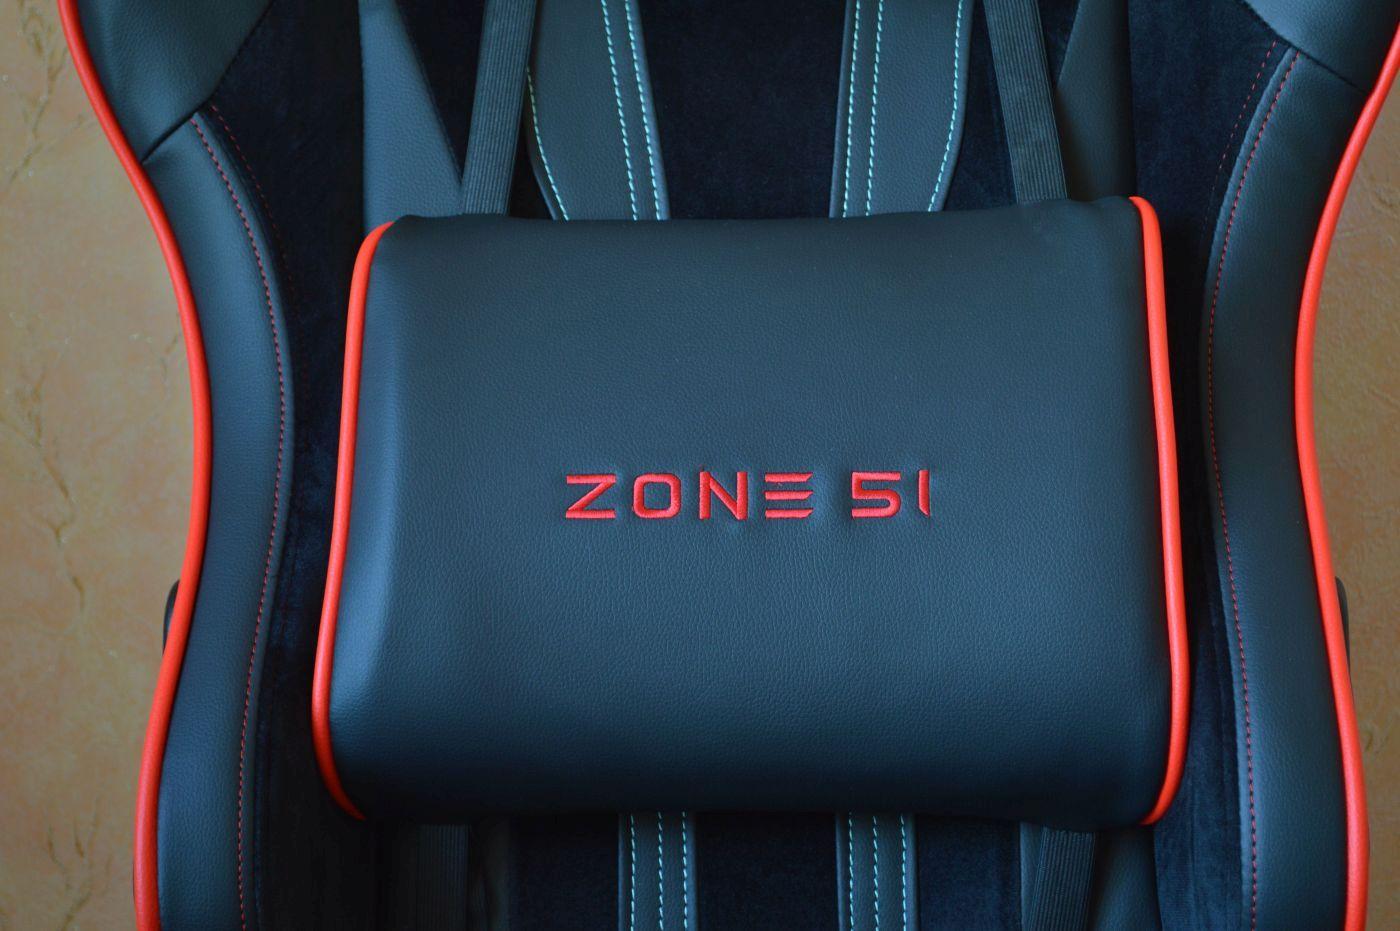 большая подушечка компьютерного игрового кресла Zone 51 Gravity